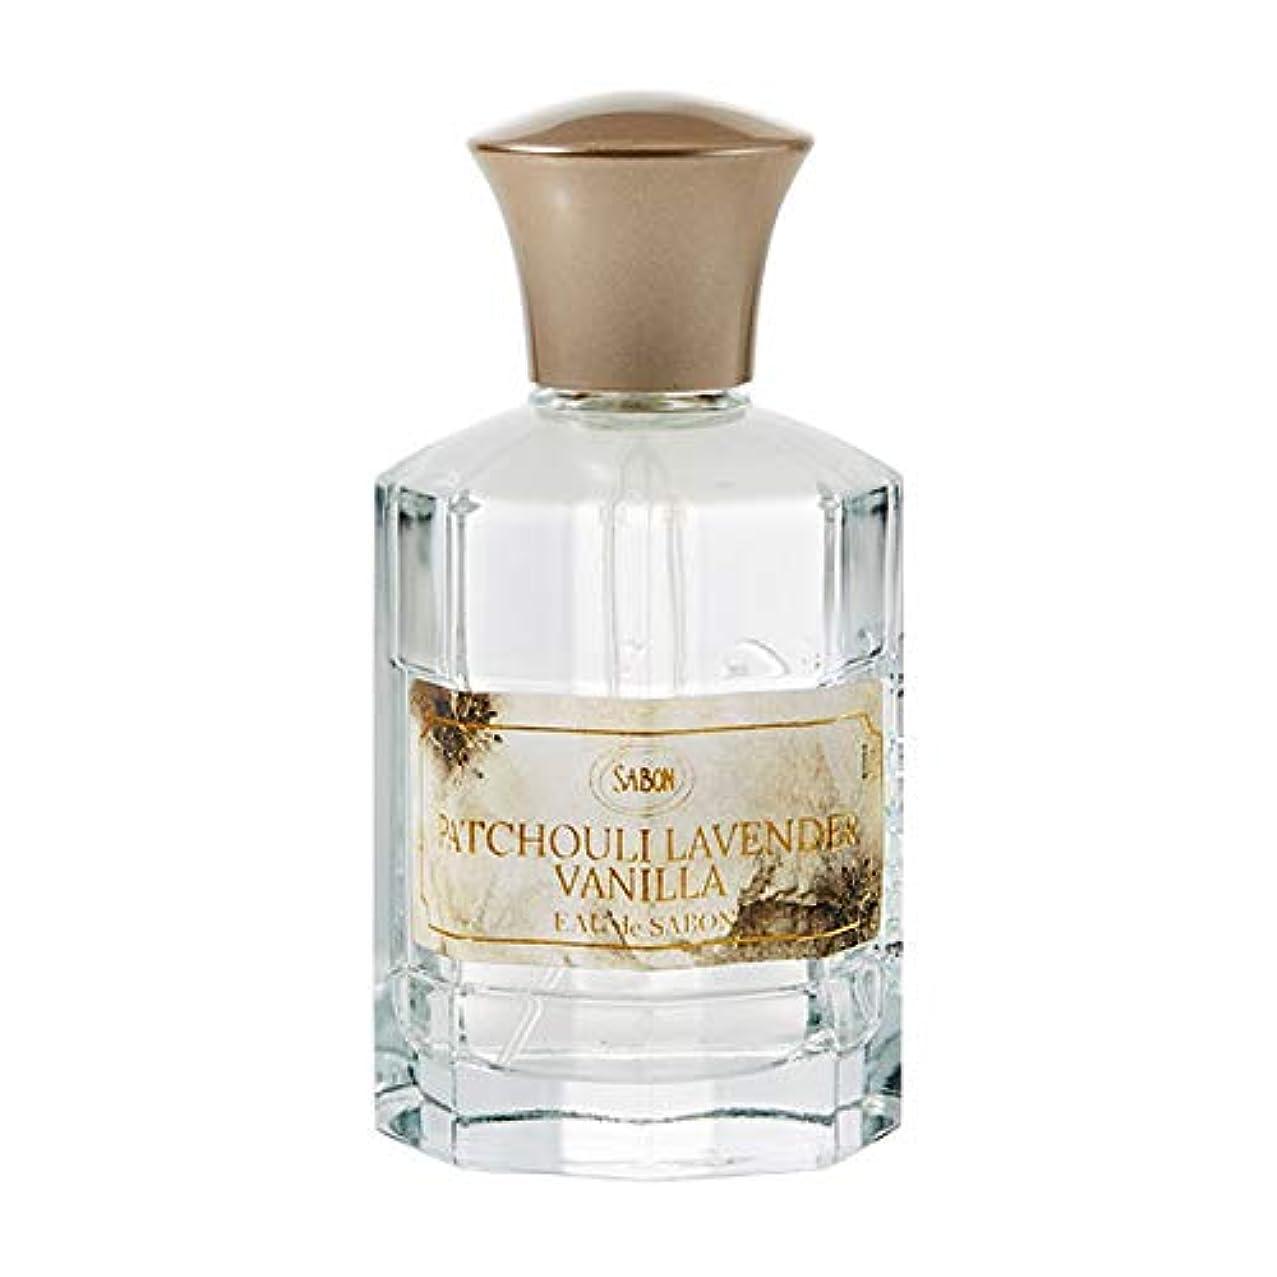 手入れアンタゴニスト進行中サボン SABON オー ドゥ サボン パチュリラベンダーバニラ ( PATCHOULI LAVENDER VANILLA ) 80ml オードトワレ フレグランス 香水 パフューム デイリーパフューム